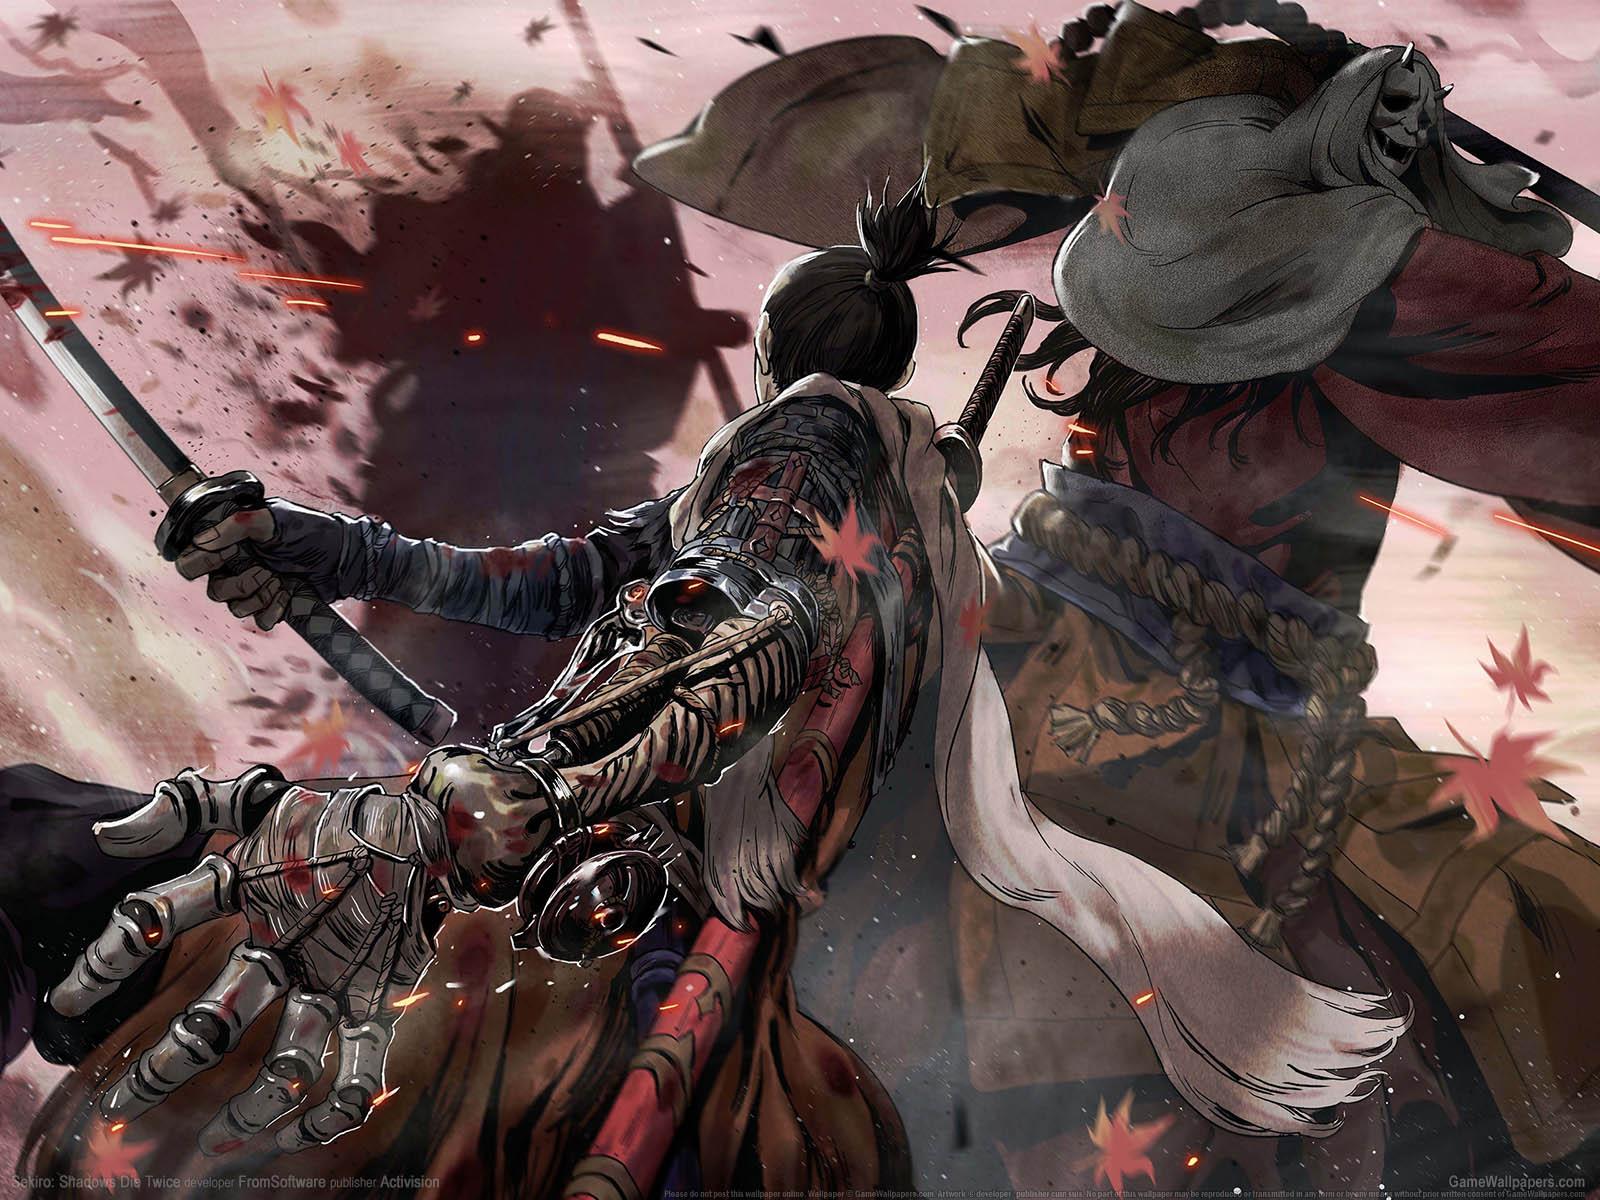 Sekiro: Shadows Die Twiceνmmer=02 wallpaper  1600x1200